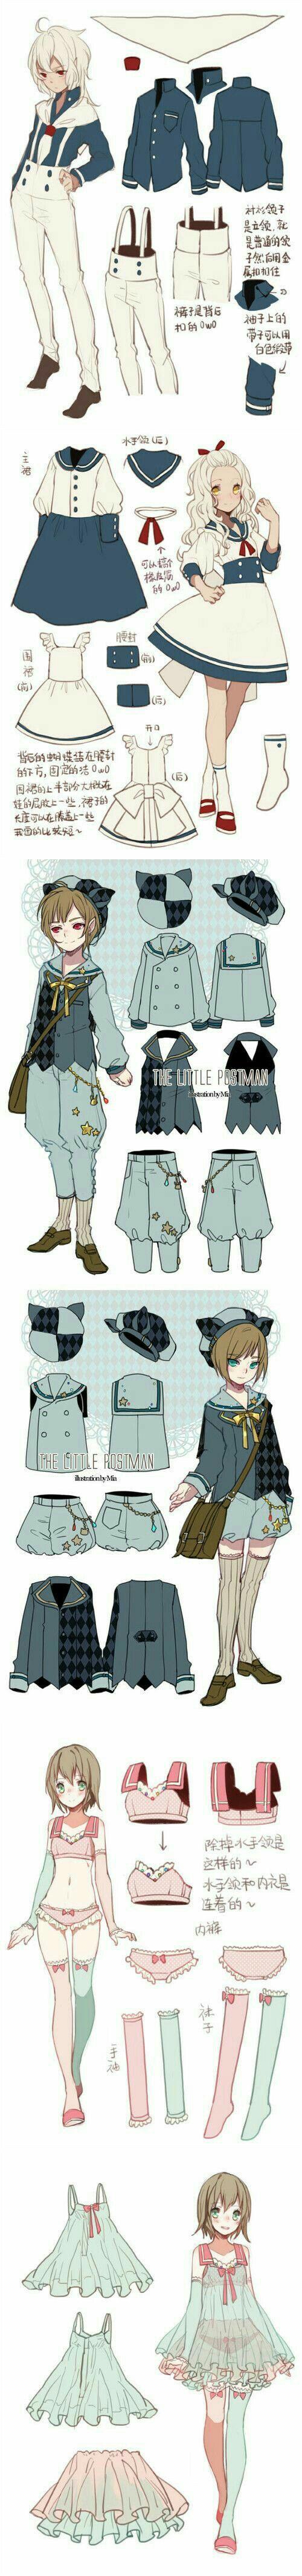 Cute anime style